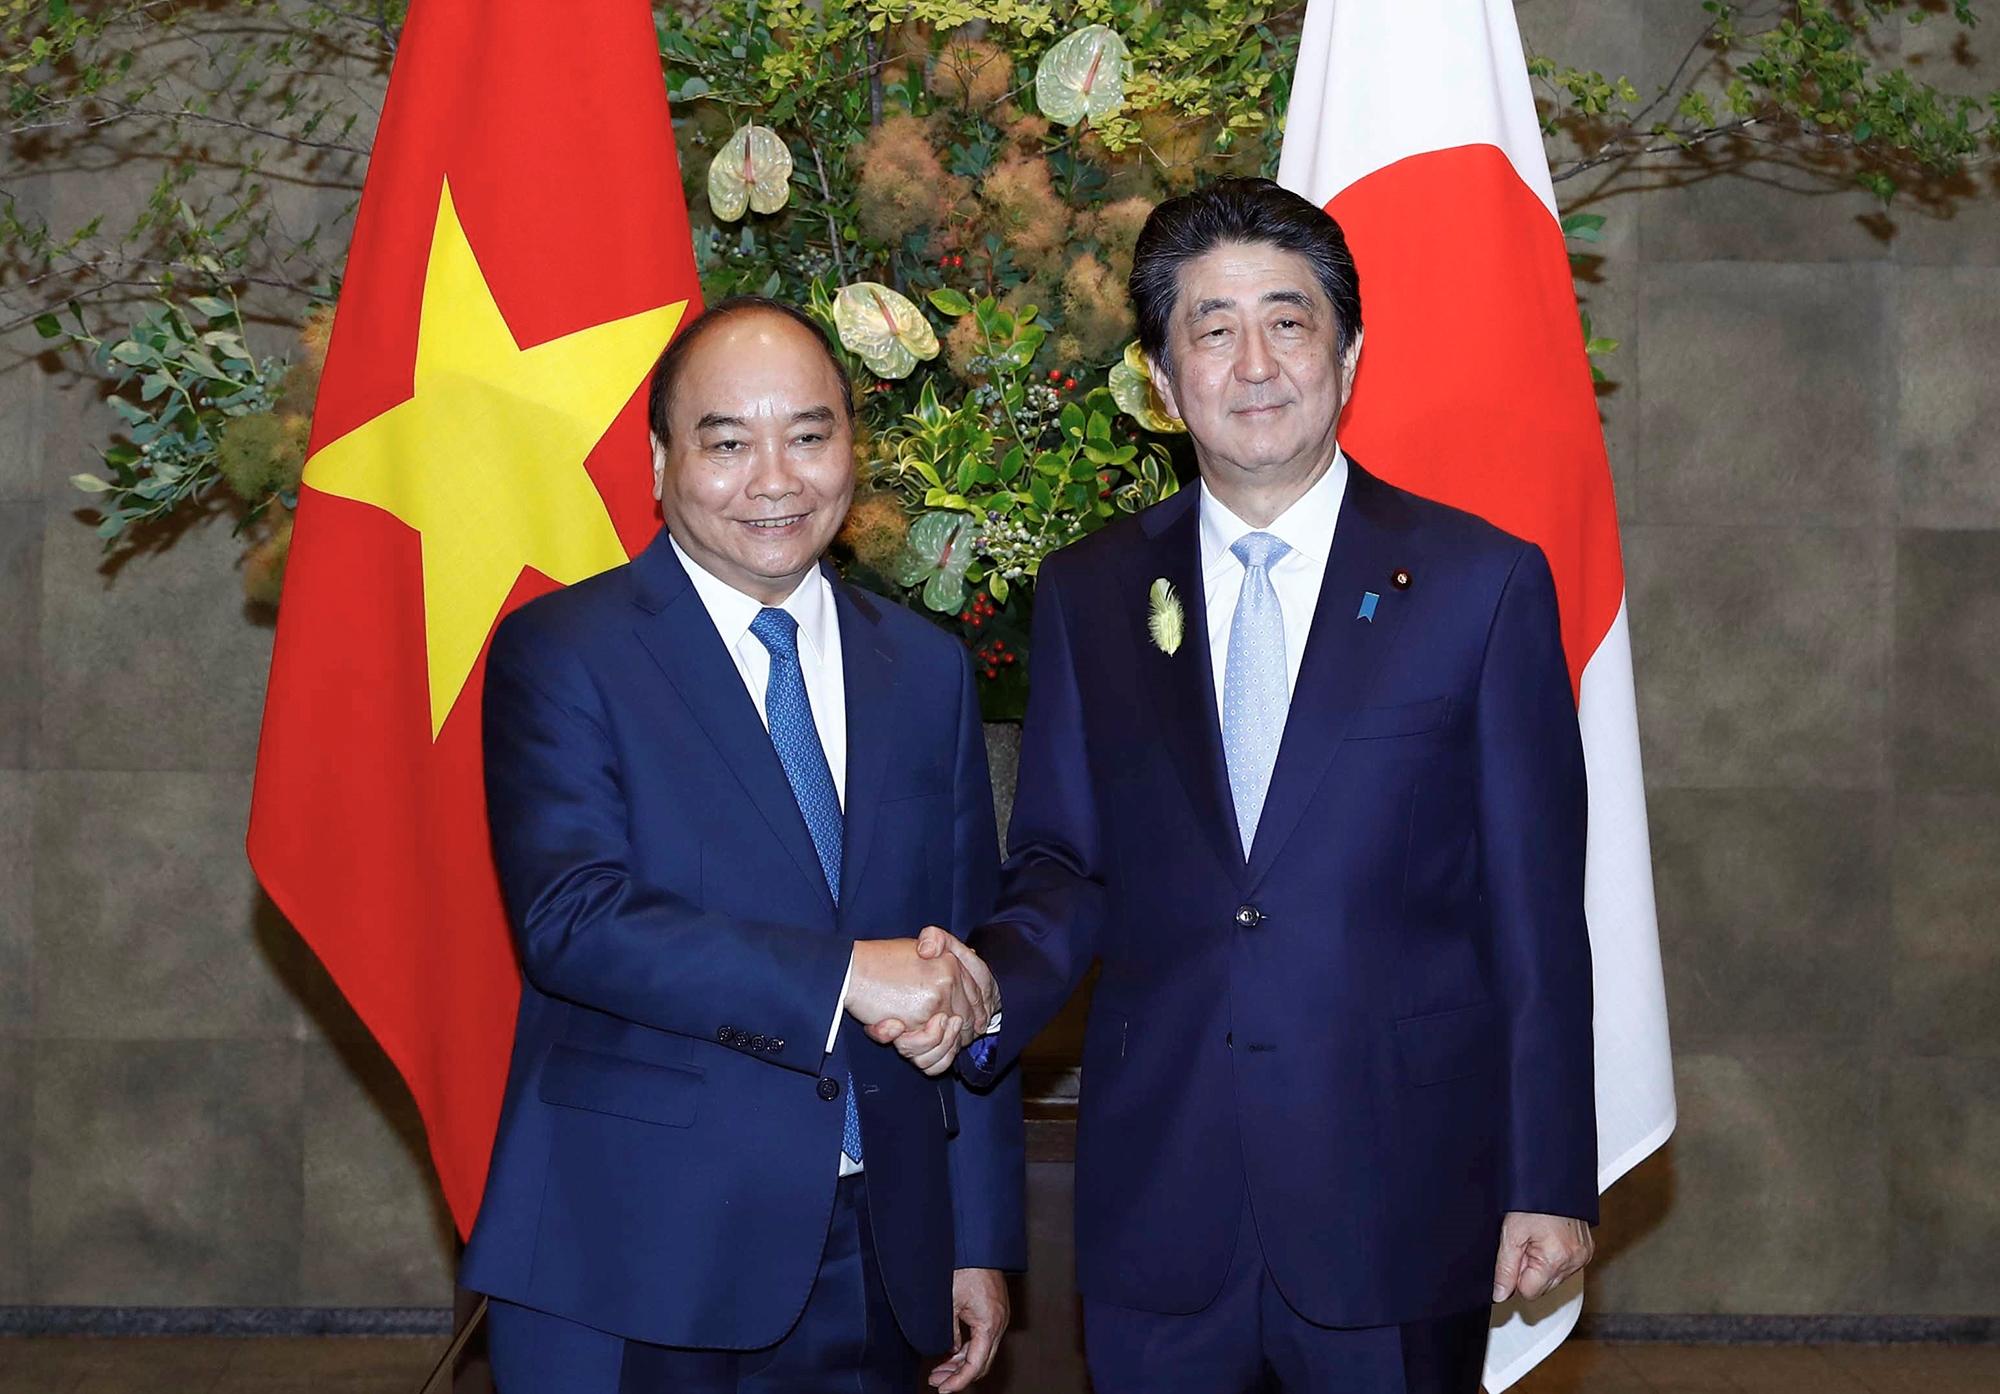 Thủ tướng đề nghị Nhật Bản tăng cường hợp tác phòng, chống dịch COVID-19